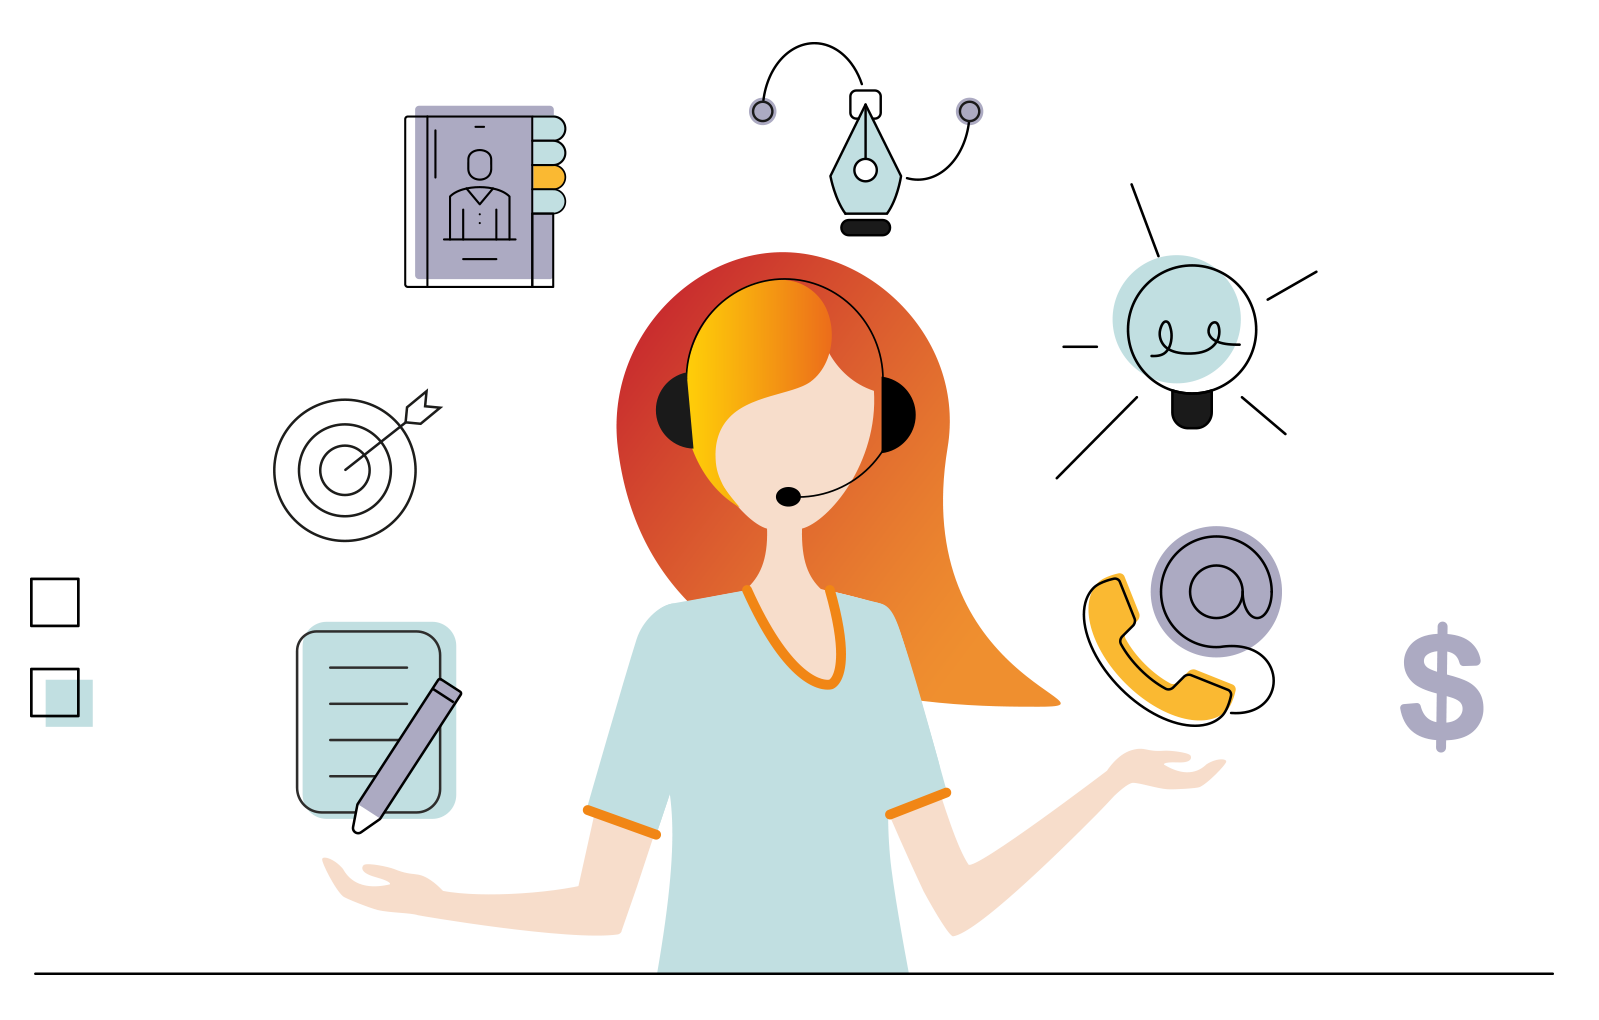 Wirtualna Asystentka Usługi asystenckie